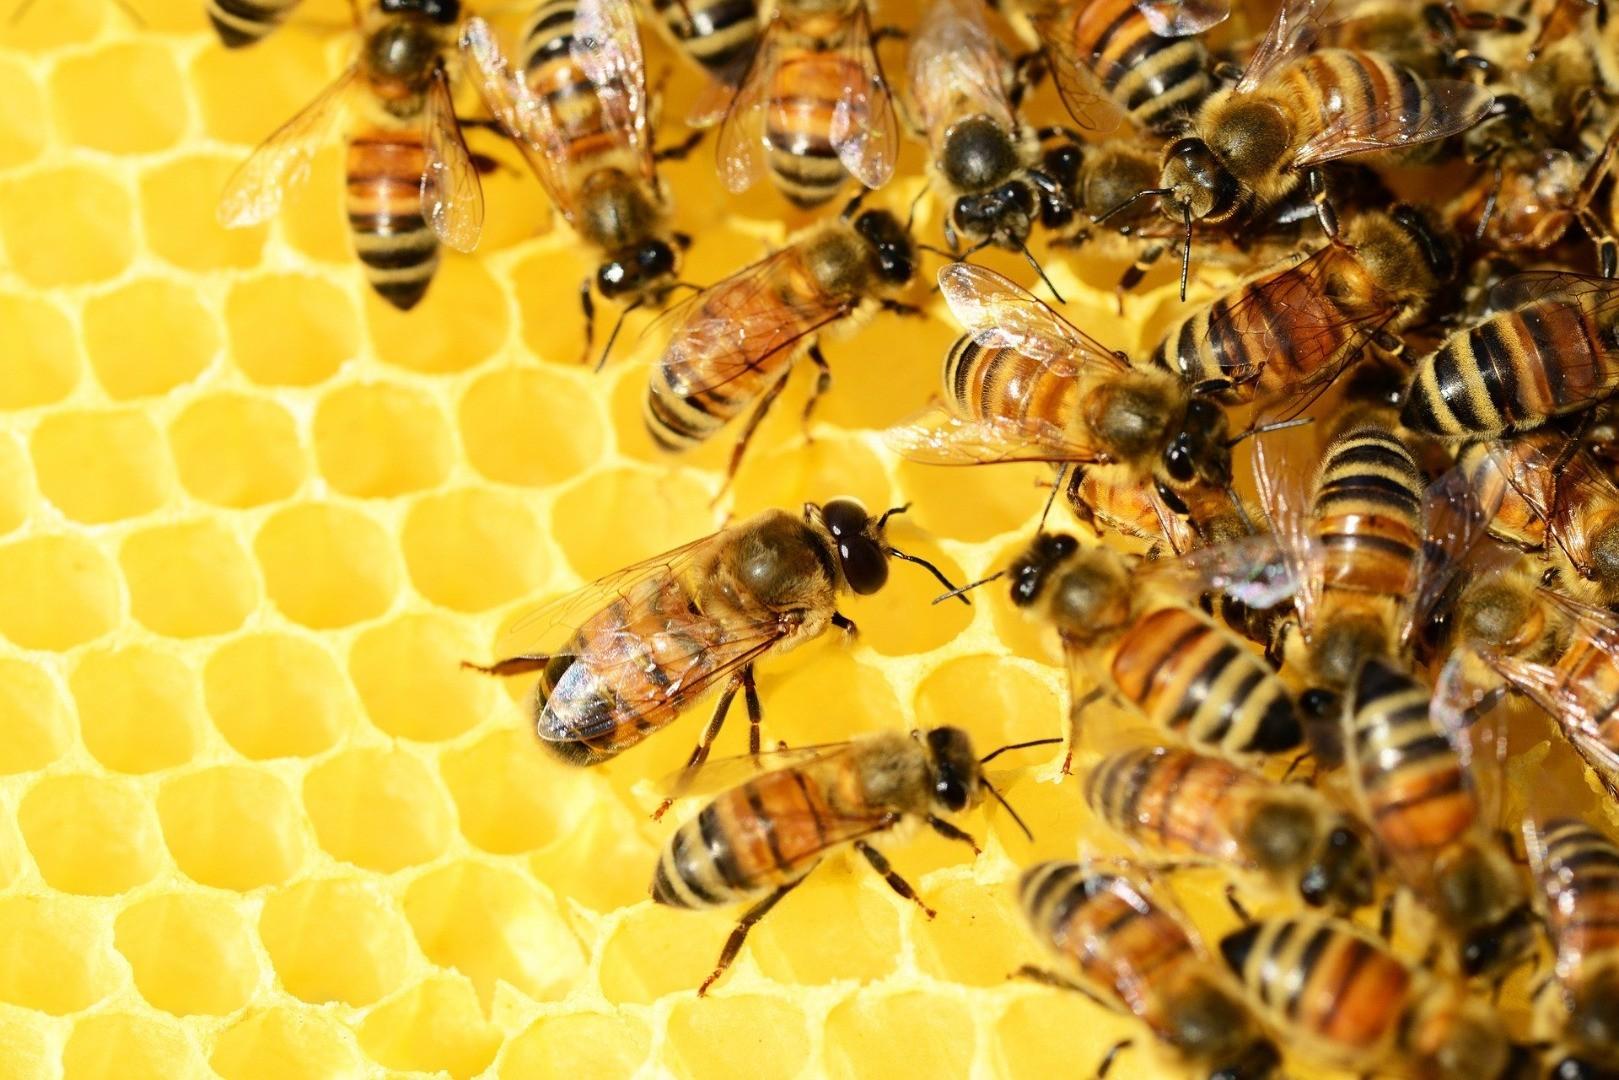 bees-326337_1920.jpg